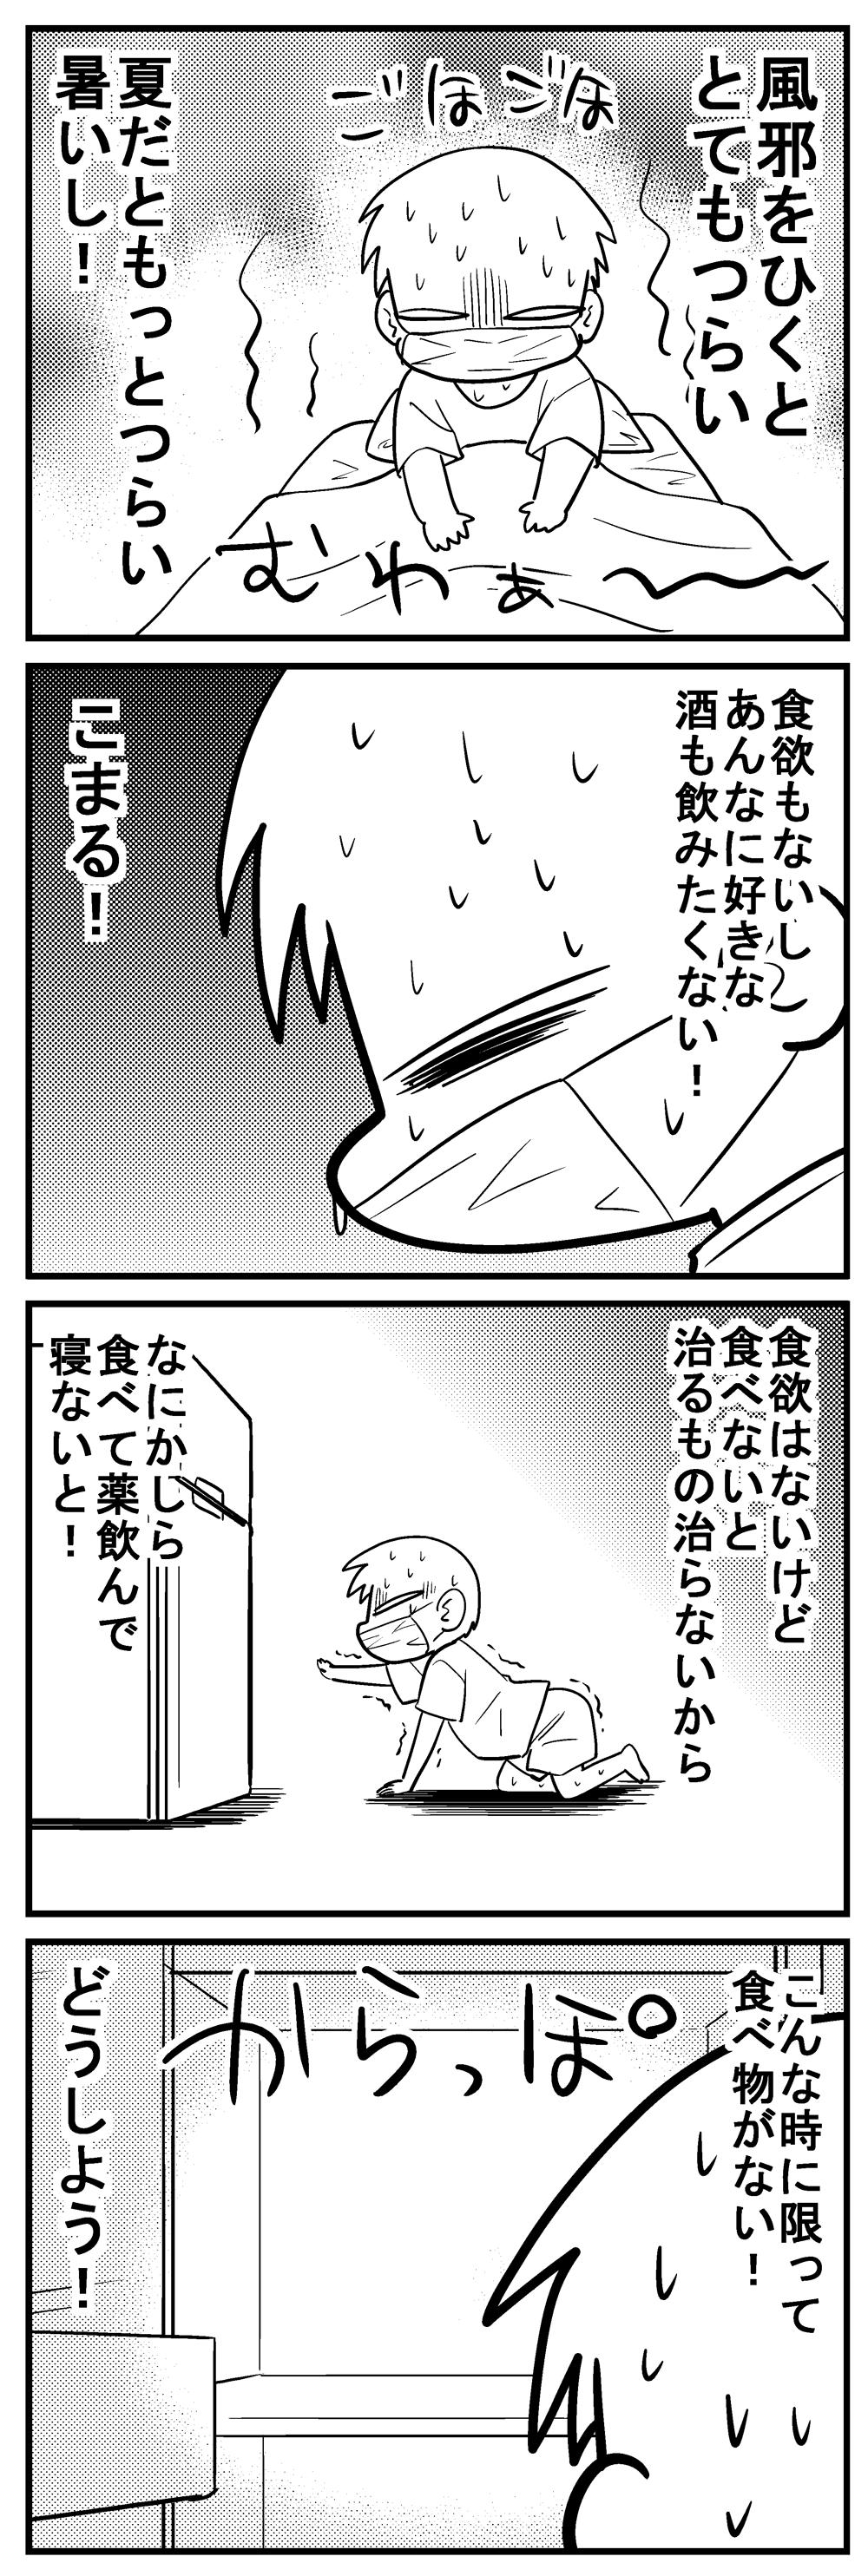 深読みくん65-1